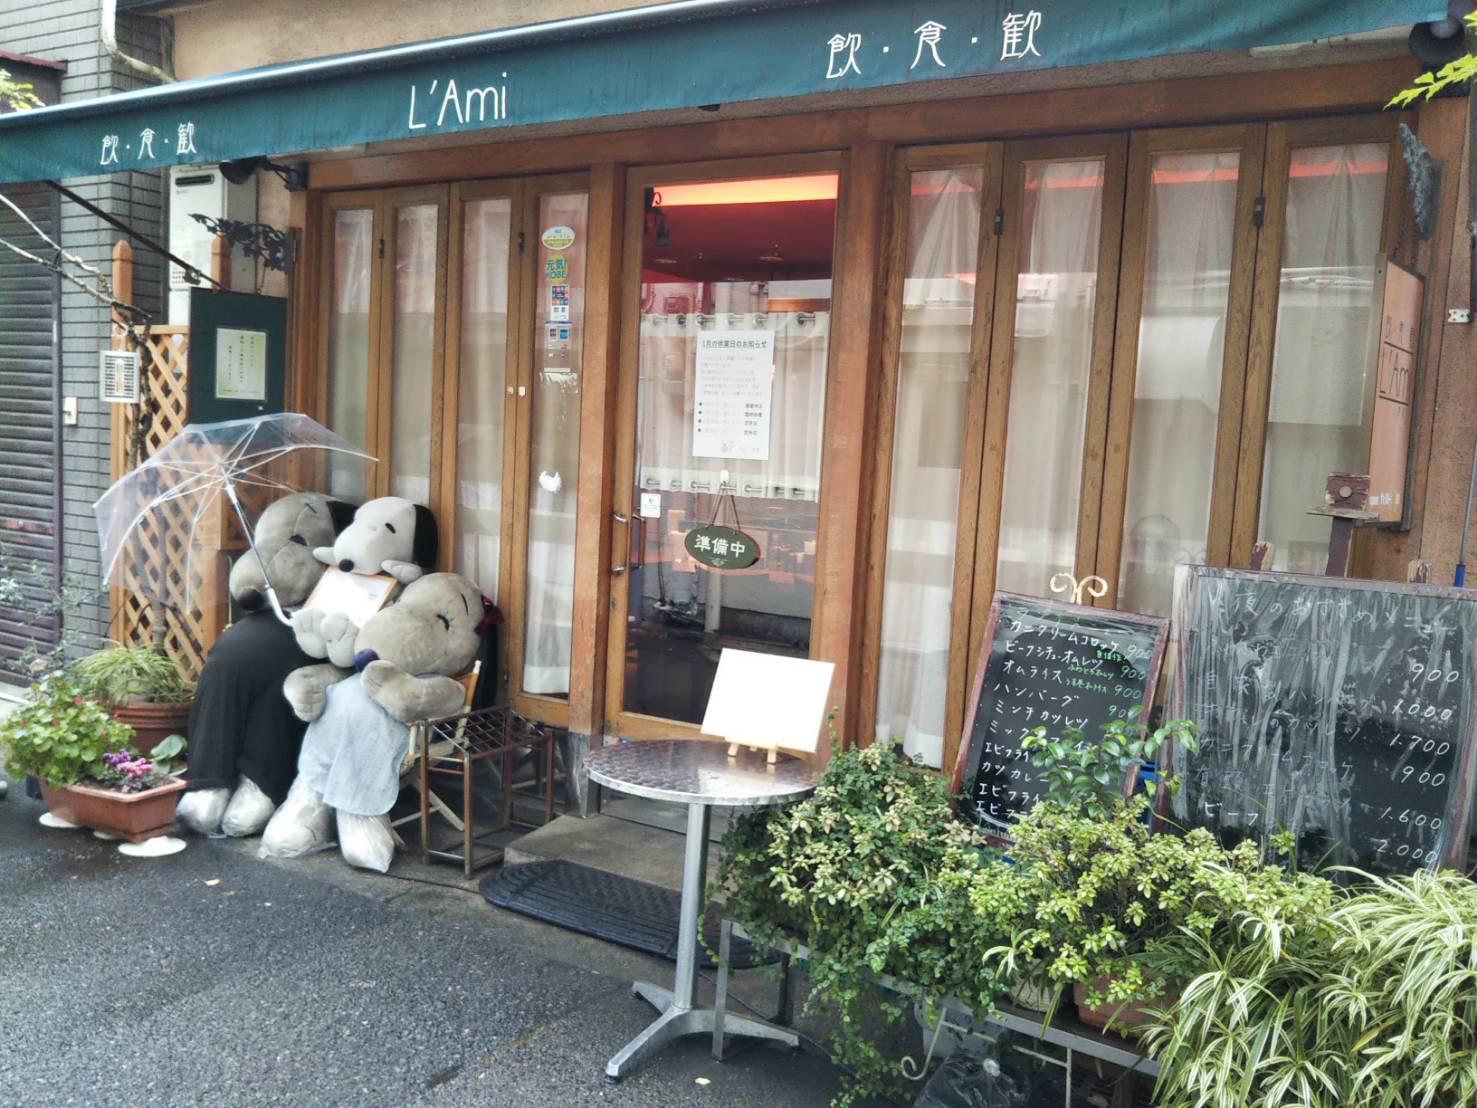 神戸有名ホテル出身のシェフの本格洋食の名店『飲・食・歓L'Ami (ラミ)  』